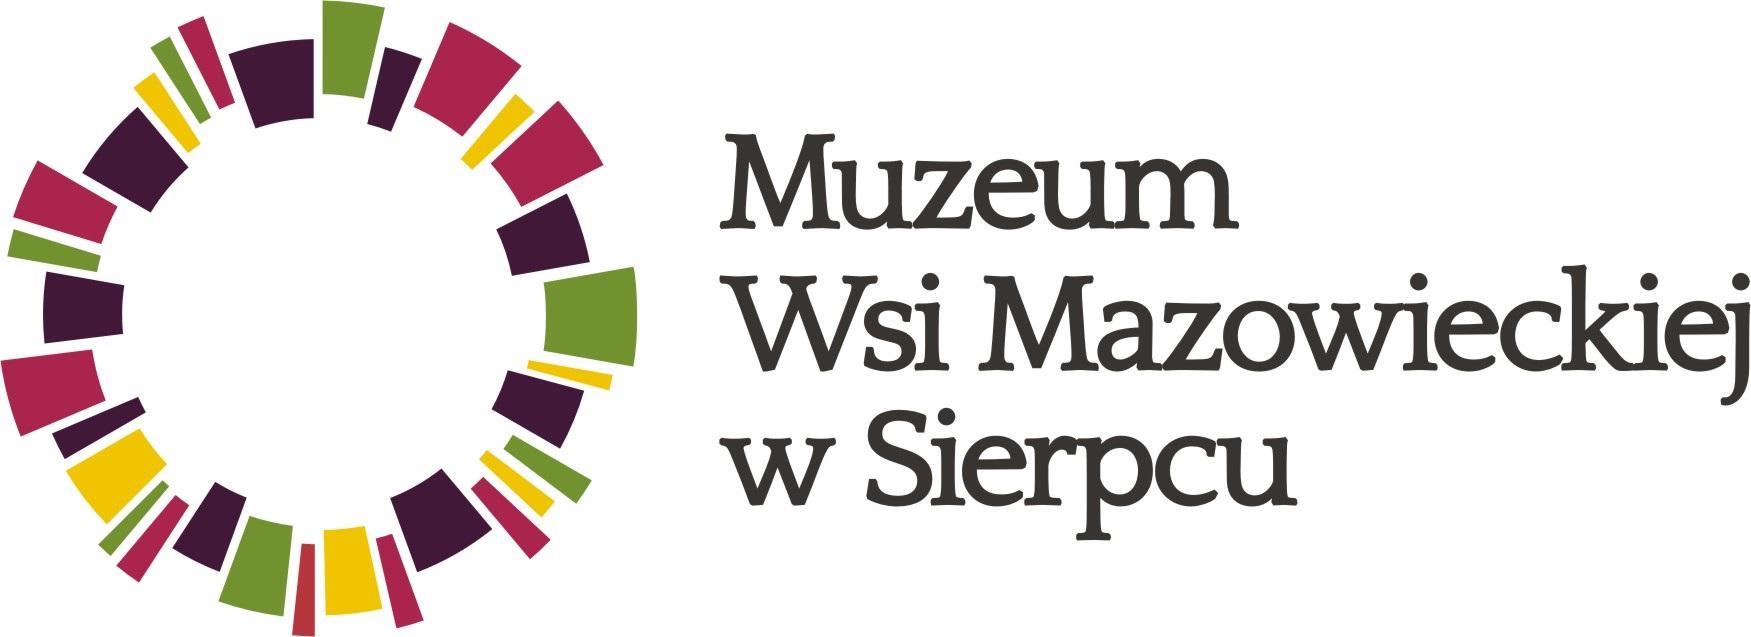 logo_zniwa-w-skansenie